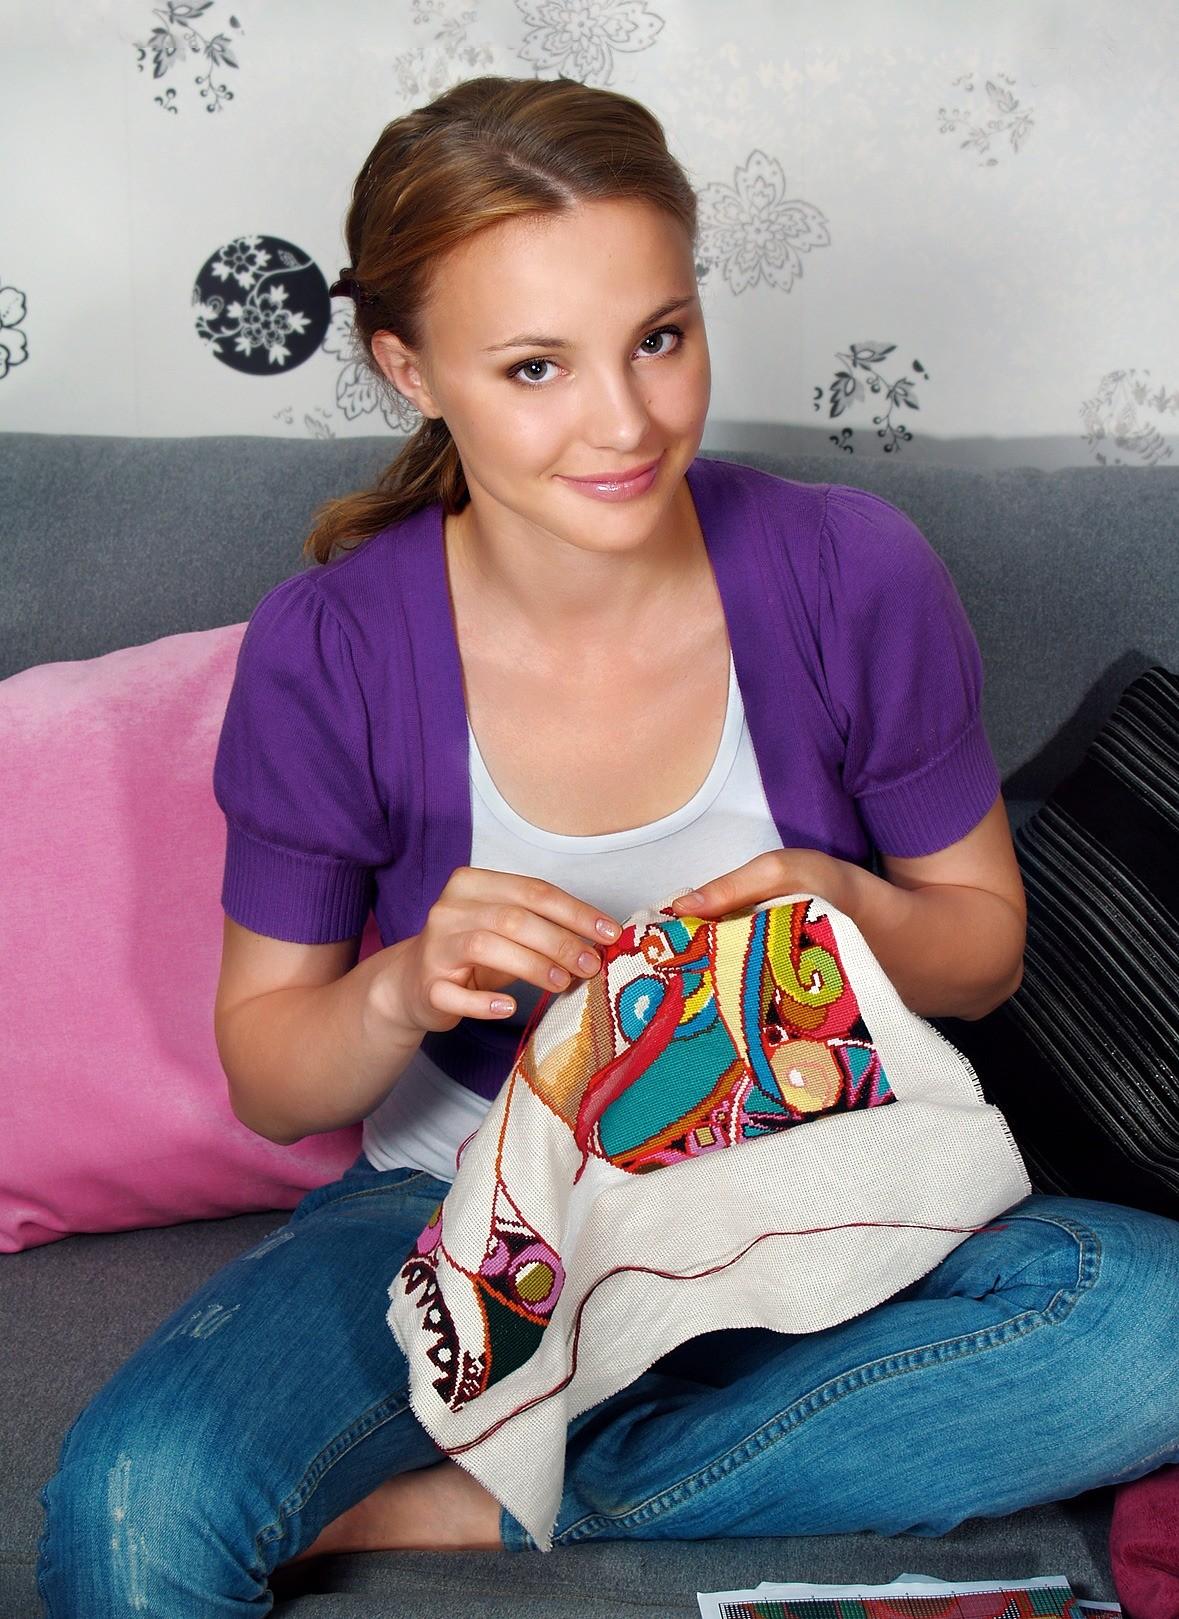 Как домашнее рукоделие отражает твои карьерные амбиции?